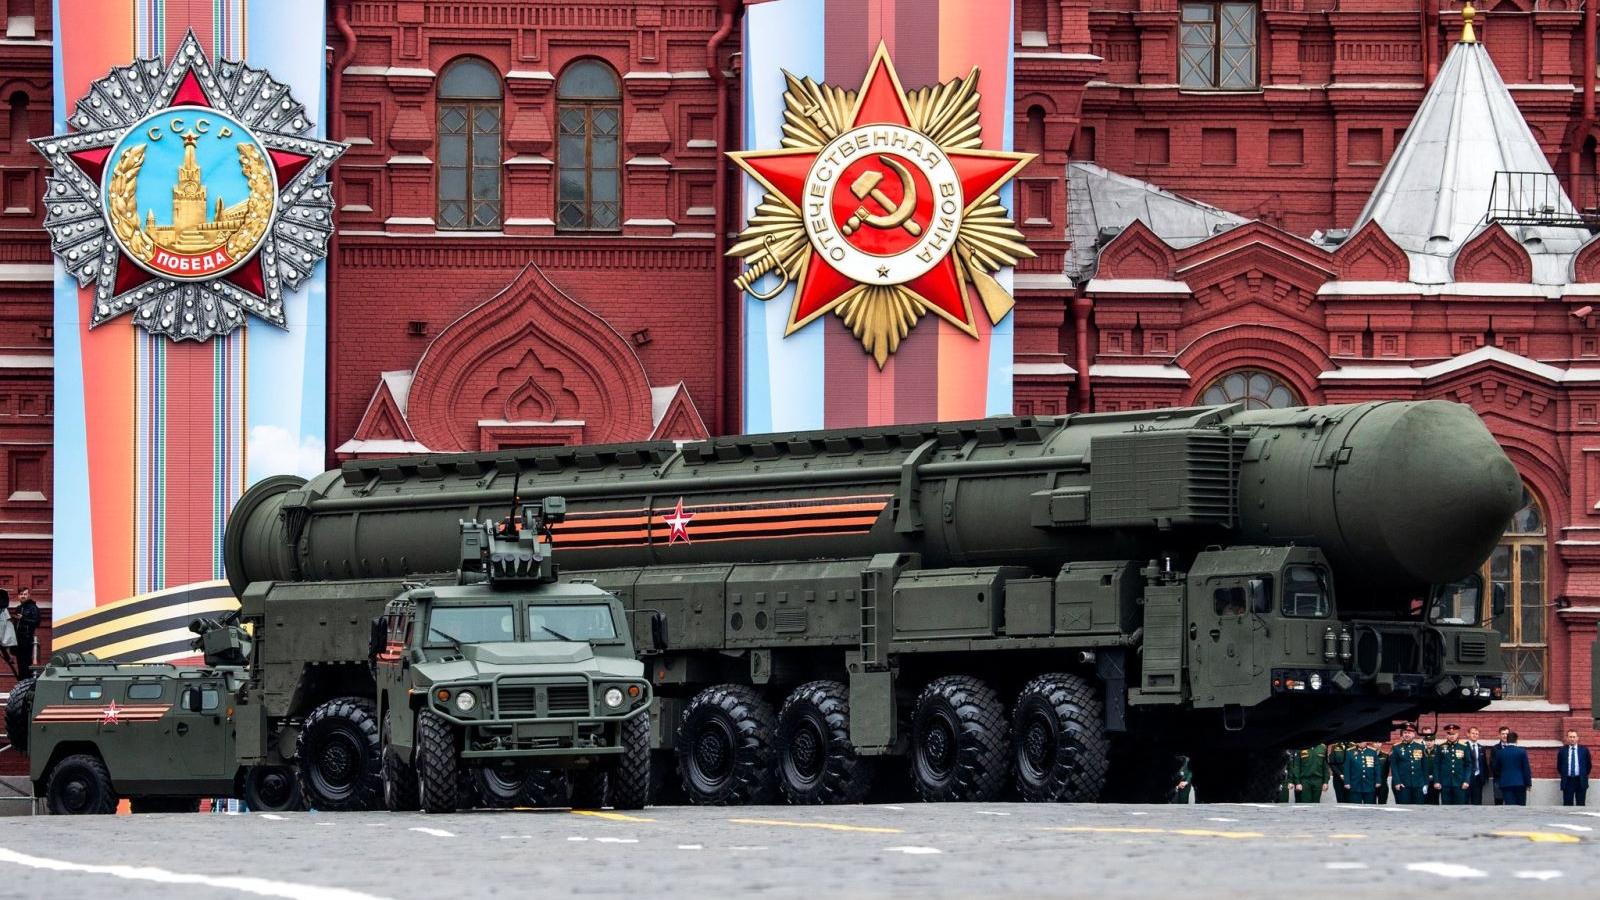 Quan hệ Nga-Mỹ liệu có ấm lên nhờ gia hạn hiệp ước START-3?